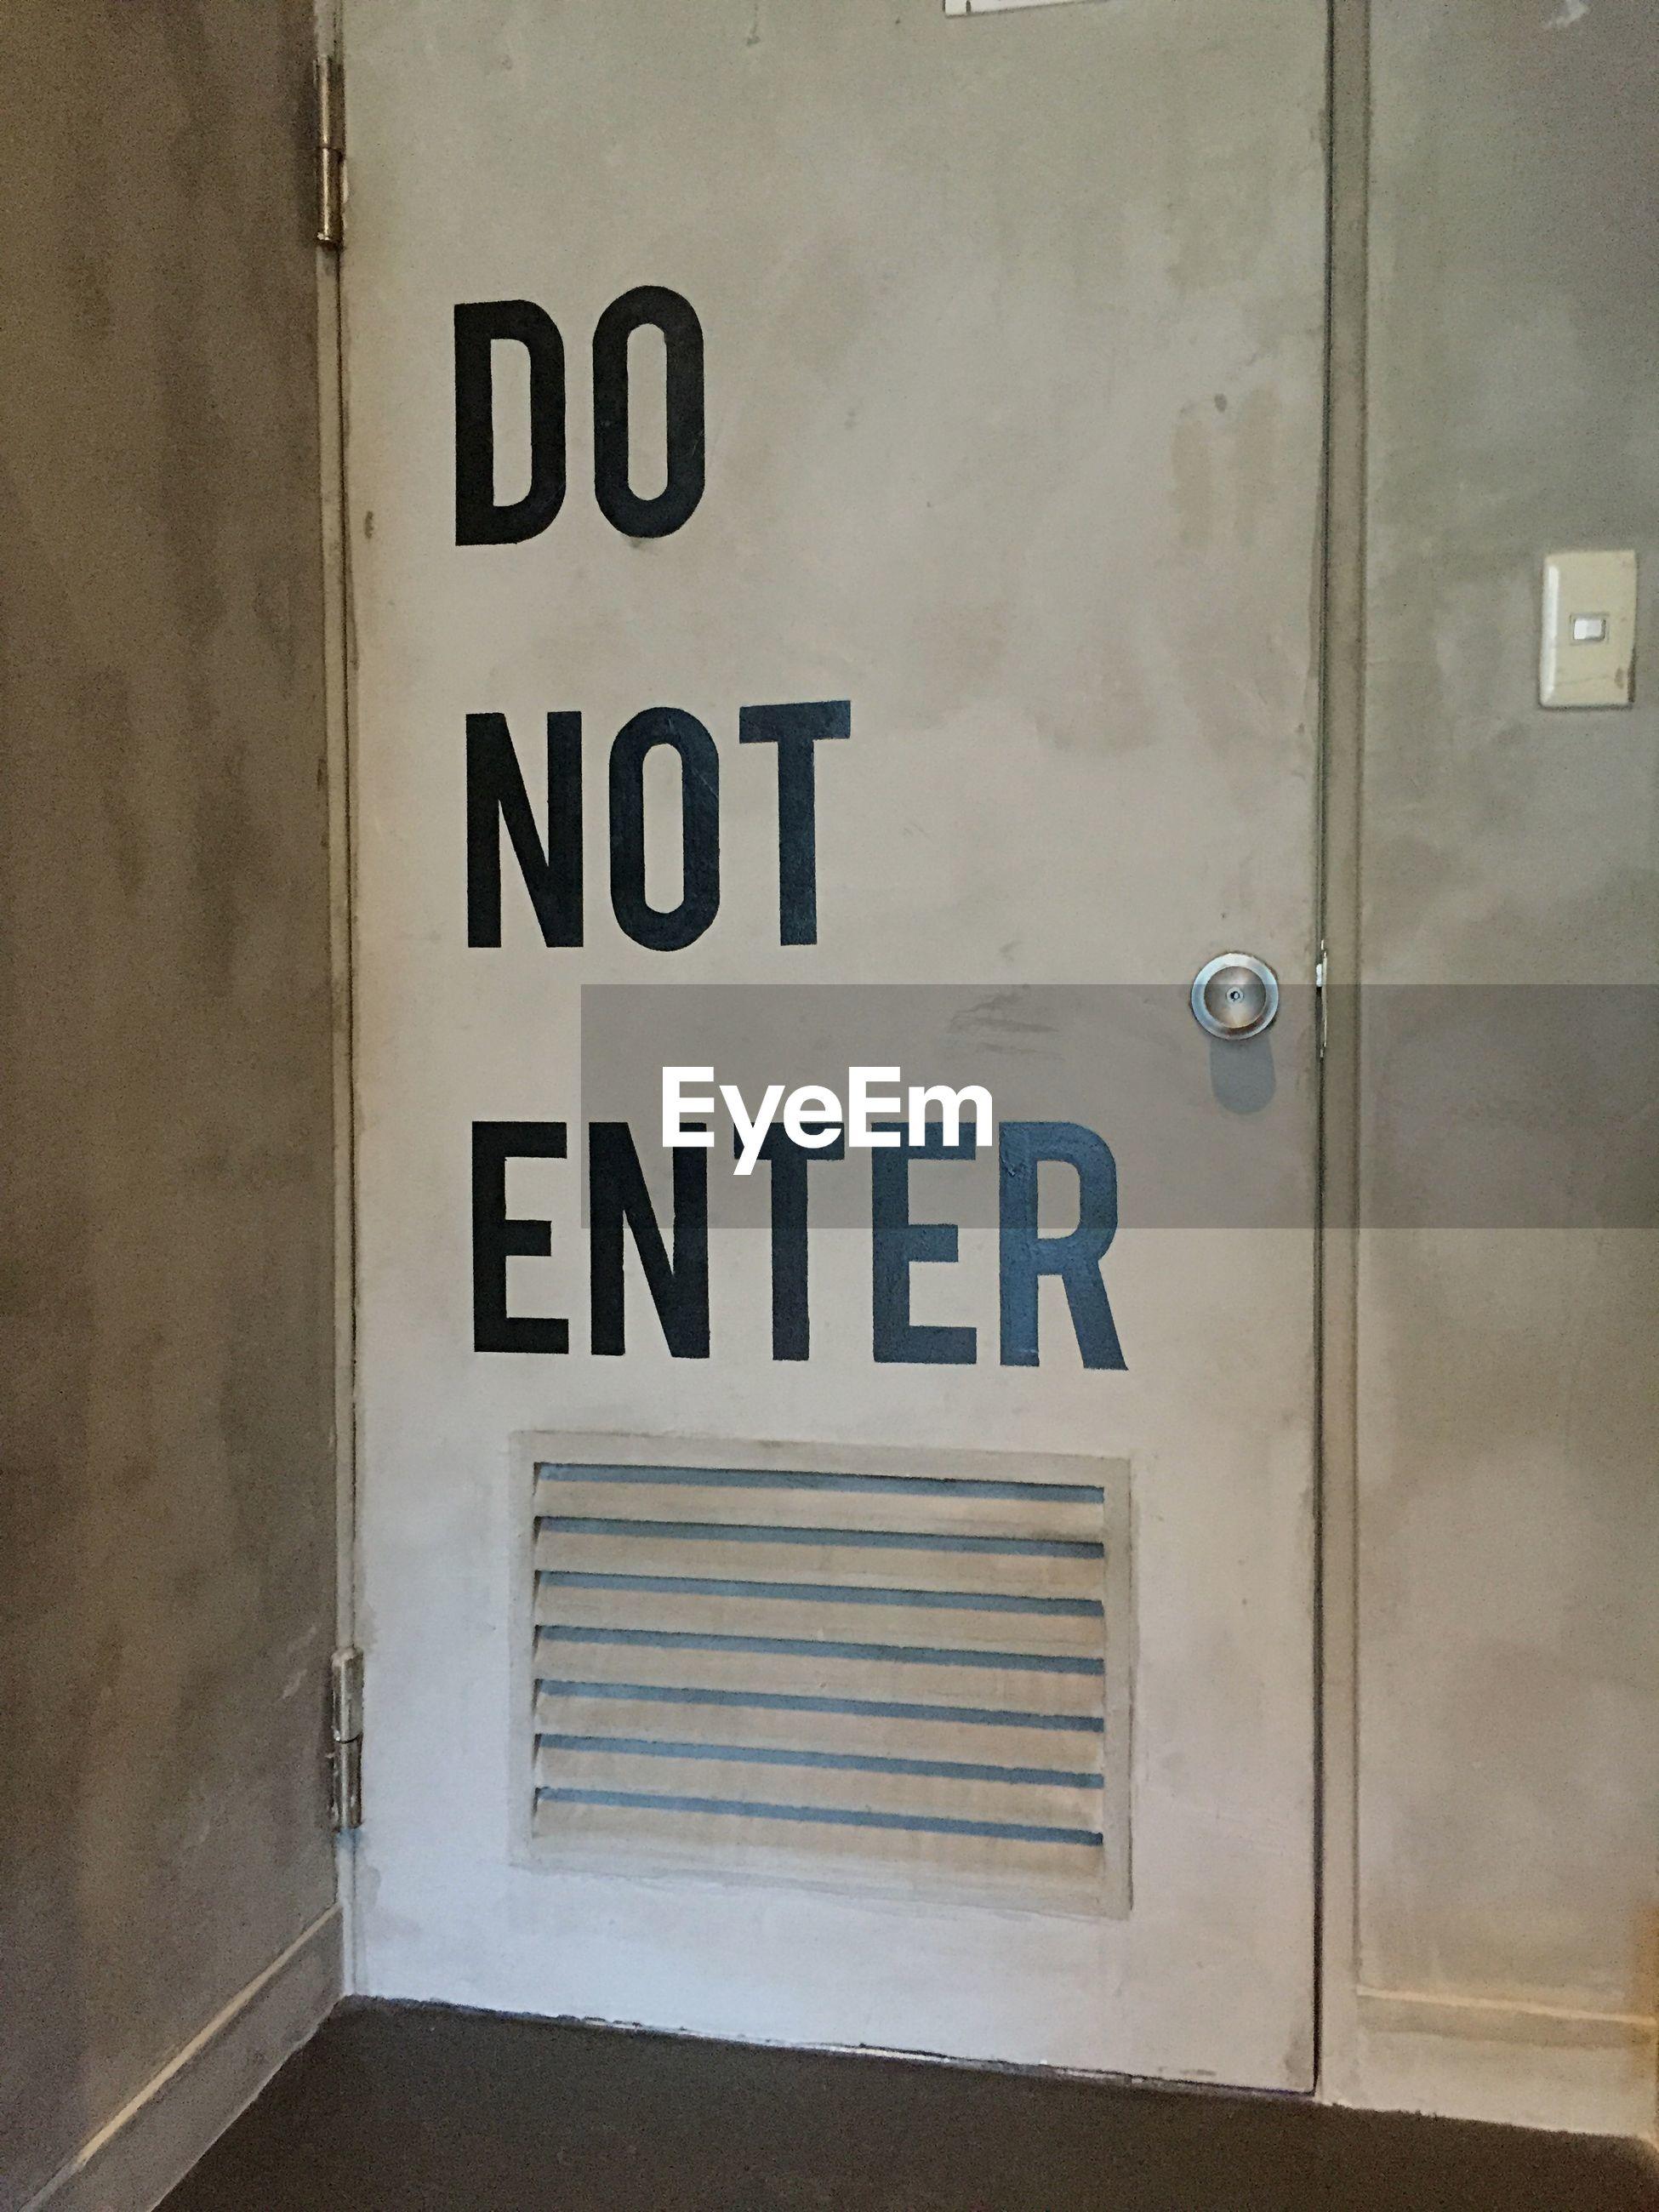 Do not enter sign on wooden door